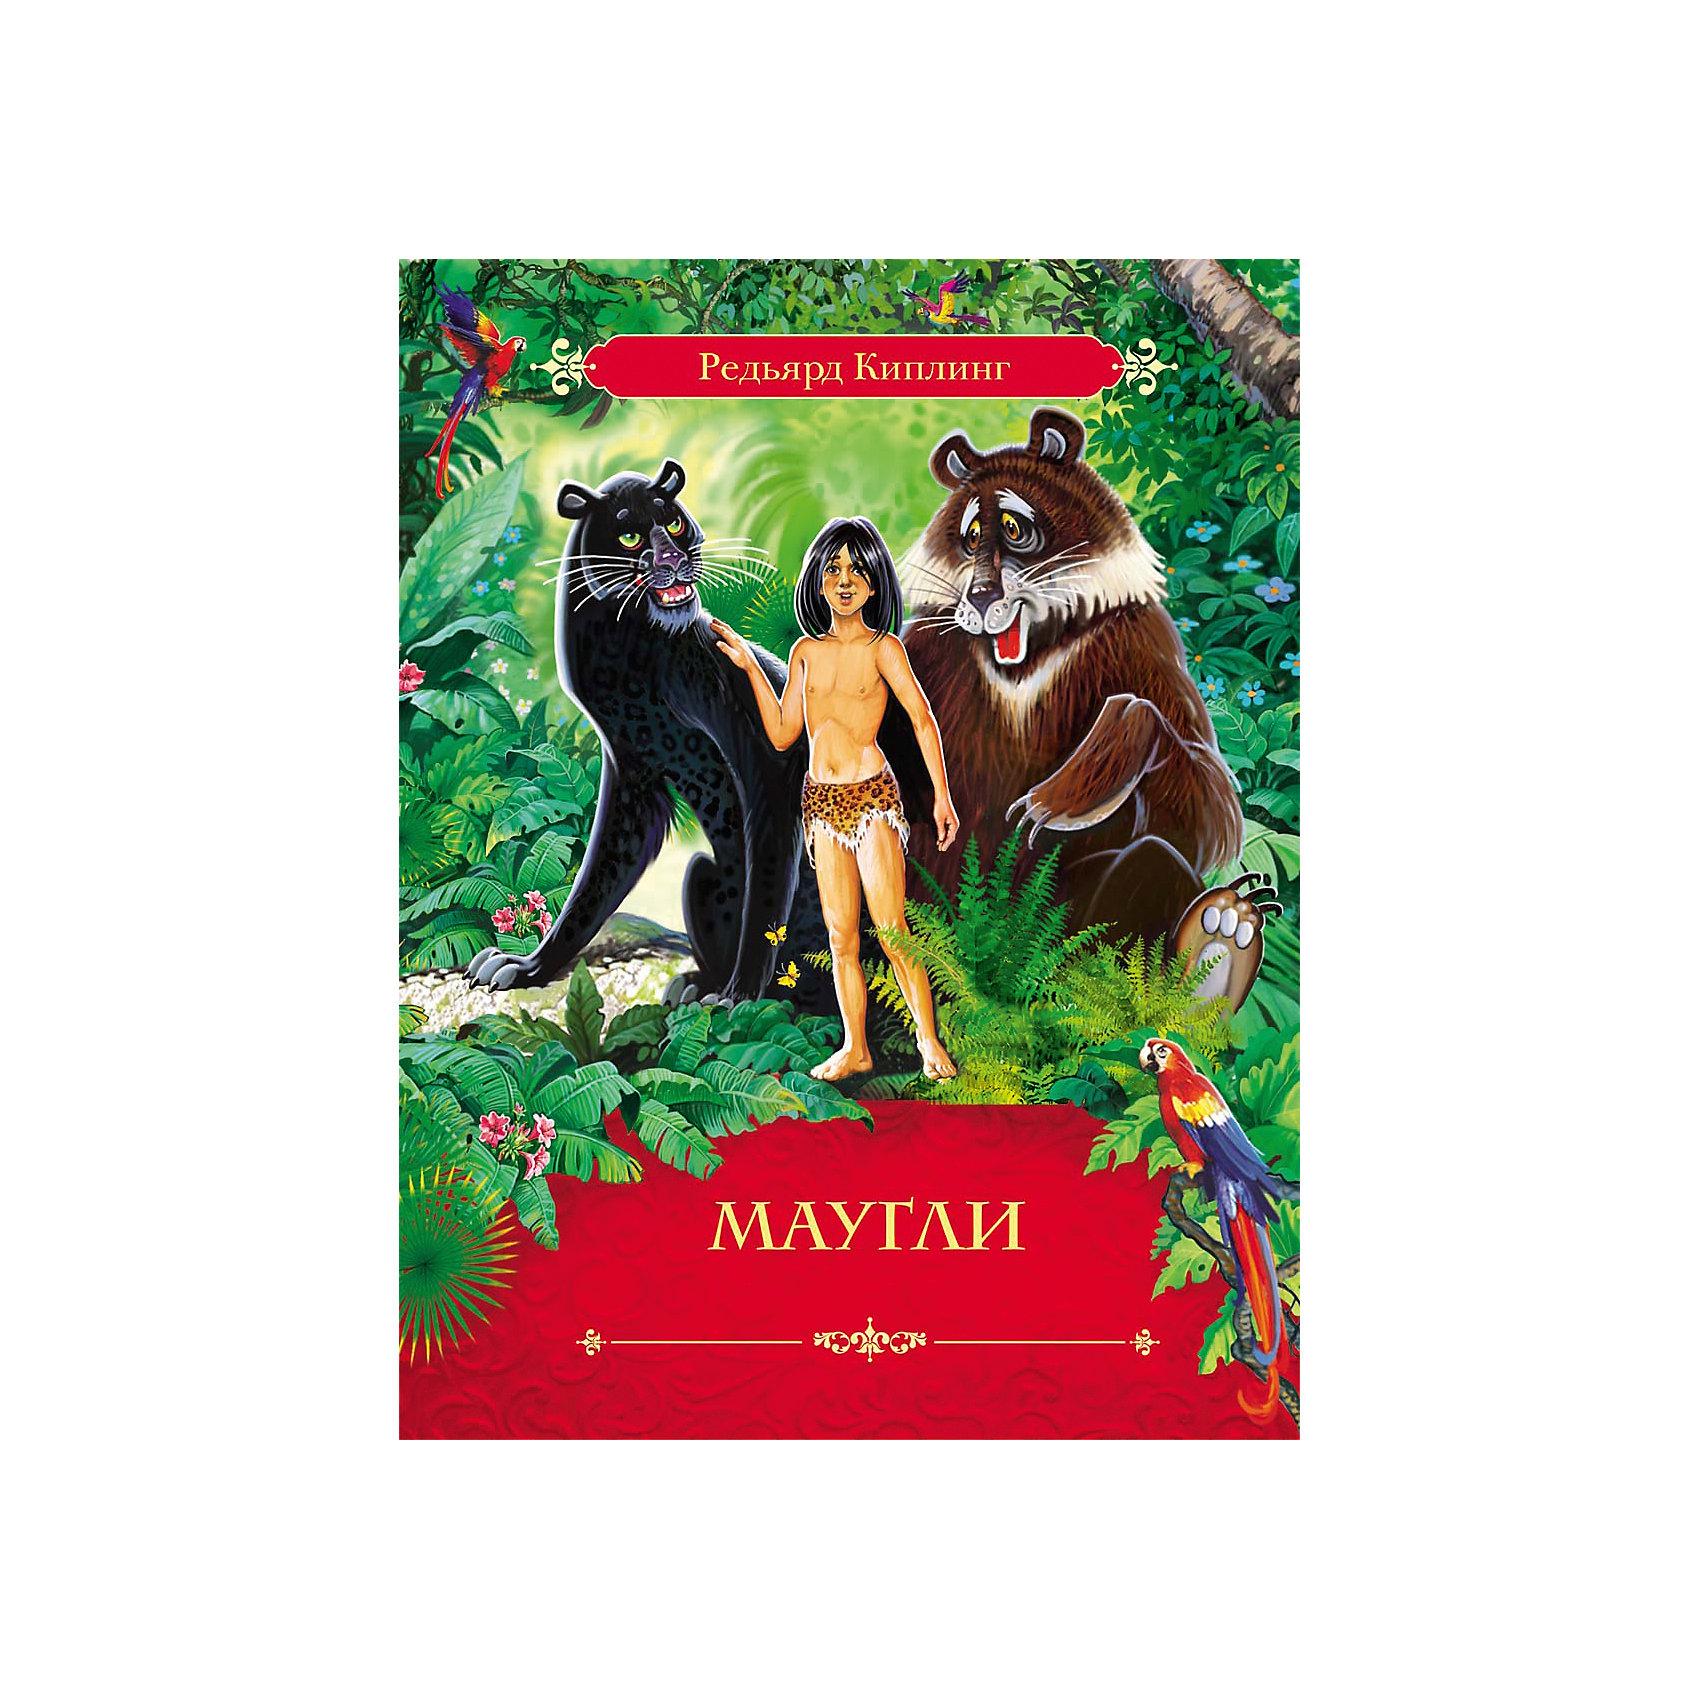 Маугли, Р. КиплингКраткий пересказ историй о Маугли - человеческом детеныше, вскормленном волками в джунглях.<br><br>Ширина мм: 220<br>Глубина мм: 165<br>Высота мм: 6<br>Вес г: 182<br>Возраст от месяцев: 60<br>Возраст до месяцев: 108<br>Пол: Унисекс<br>Возраст: Детский<br>SKU: 5076554